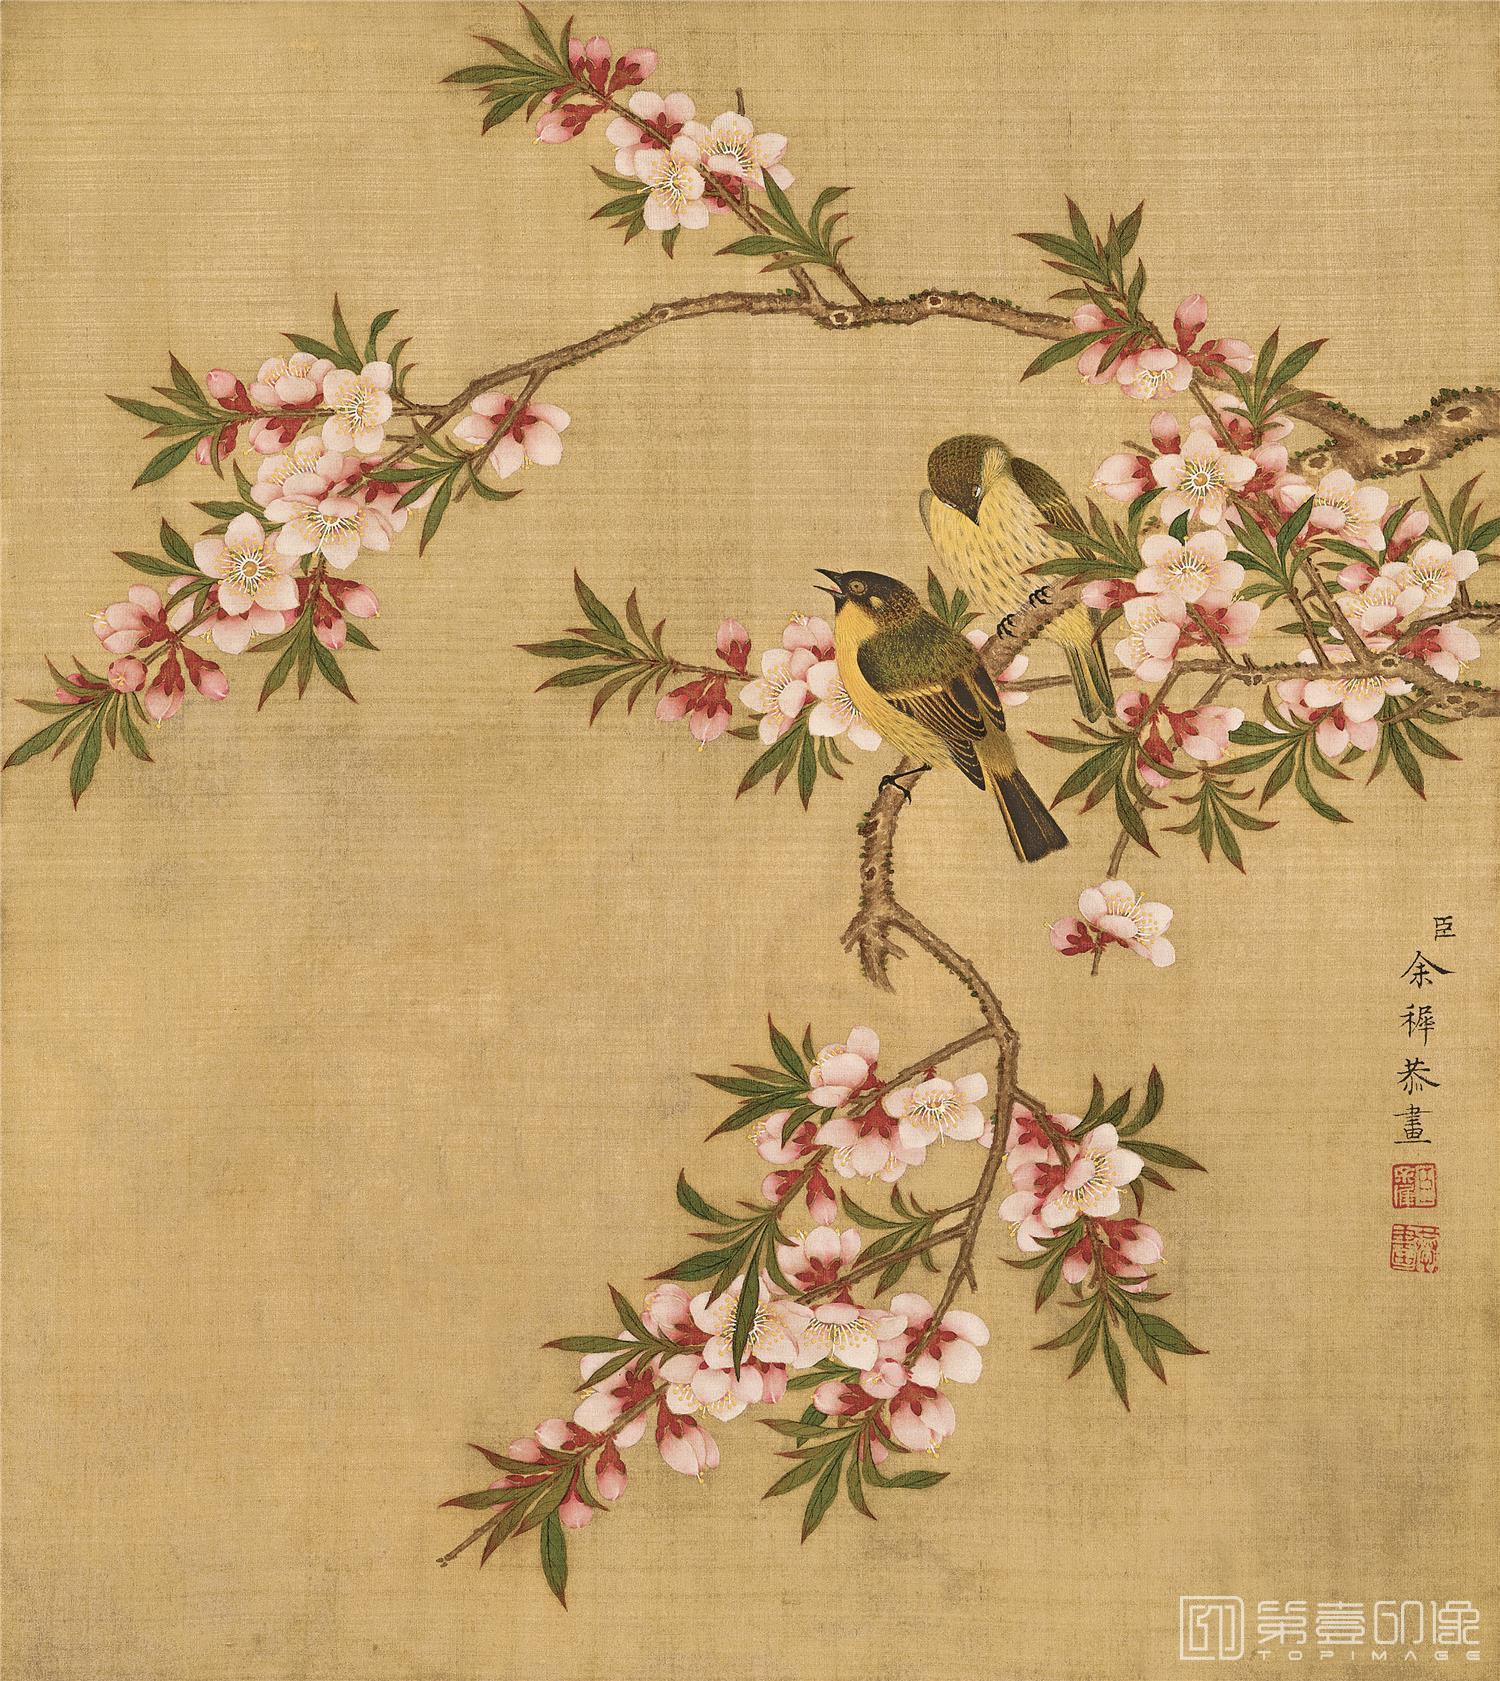 国画-国画-清-余稚-花鸟册-绢本-002-33x37cm